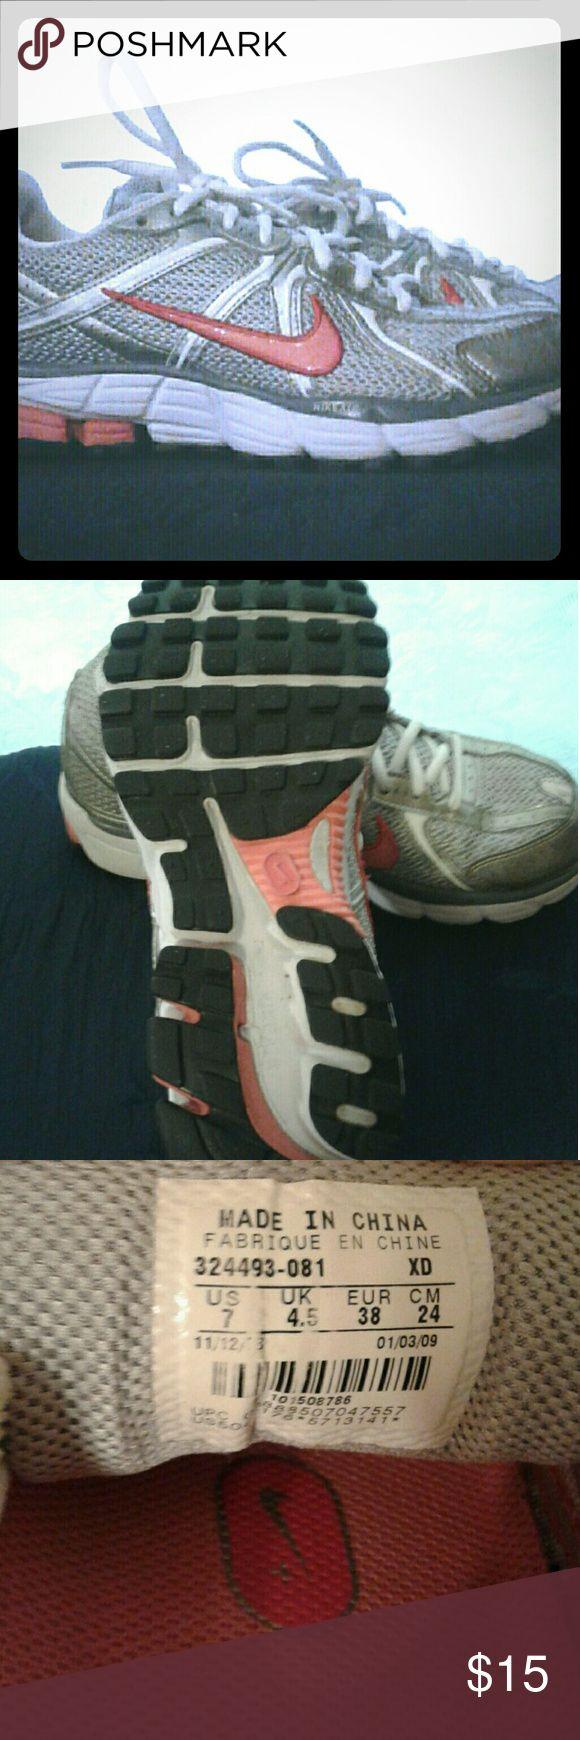 Nike Air Pegasus Womens Shoes Bowerman Nike Air Shoes Athletic Shoes